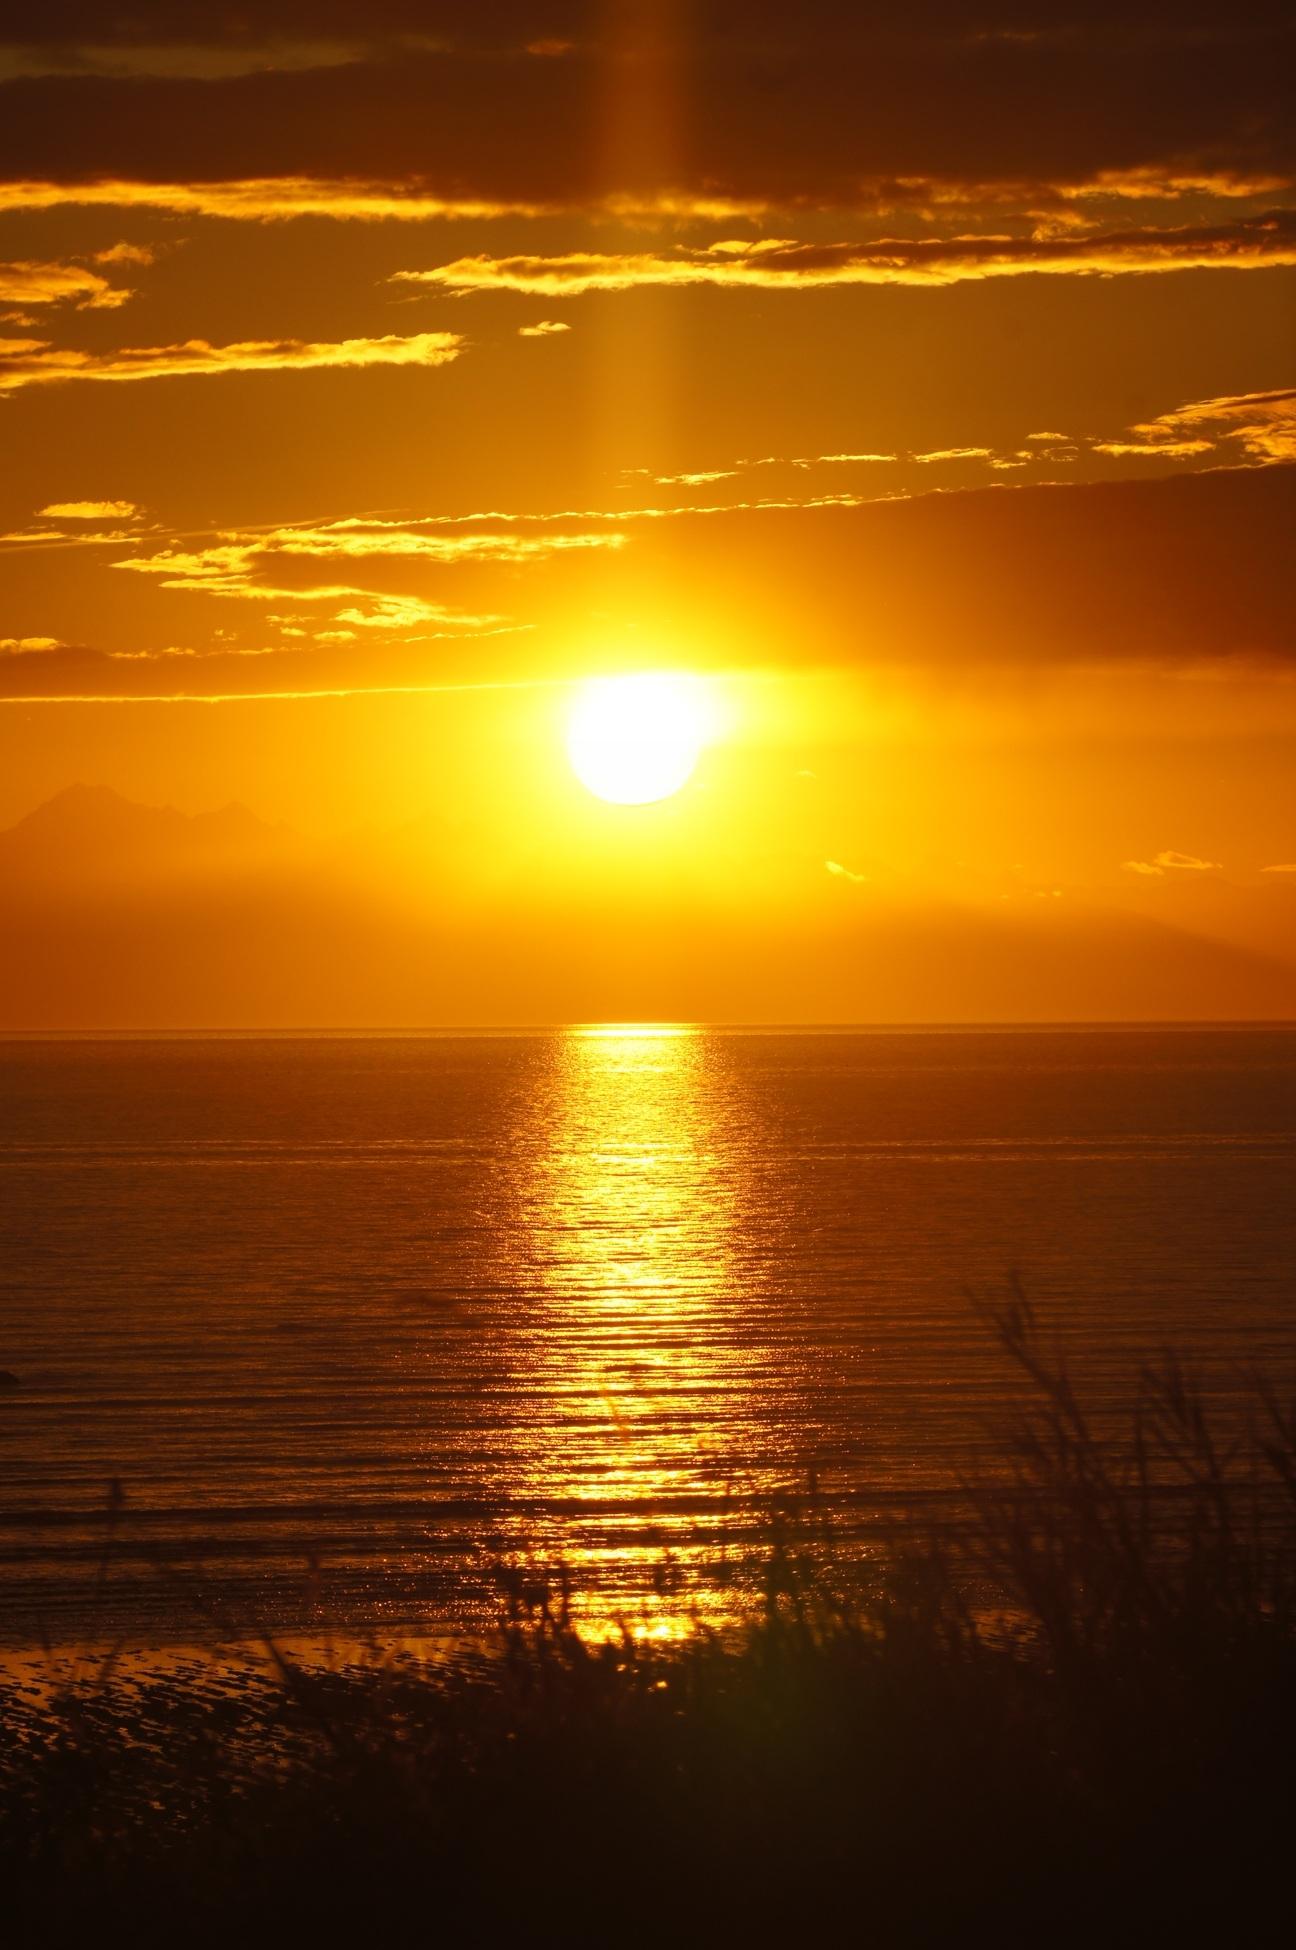 вас фото восхода и заката солнца просто